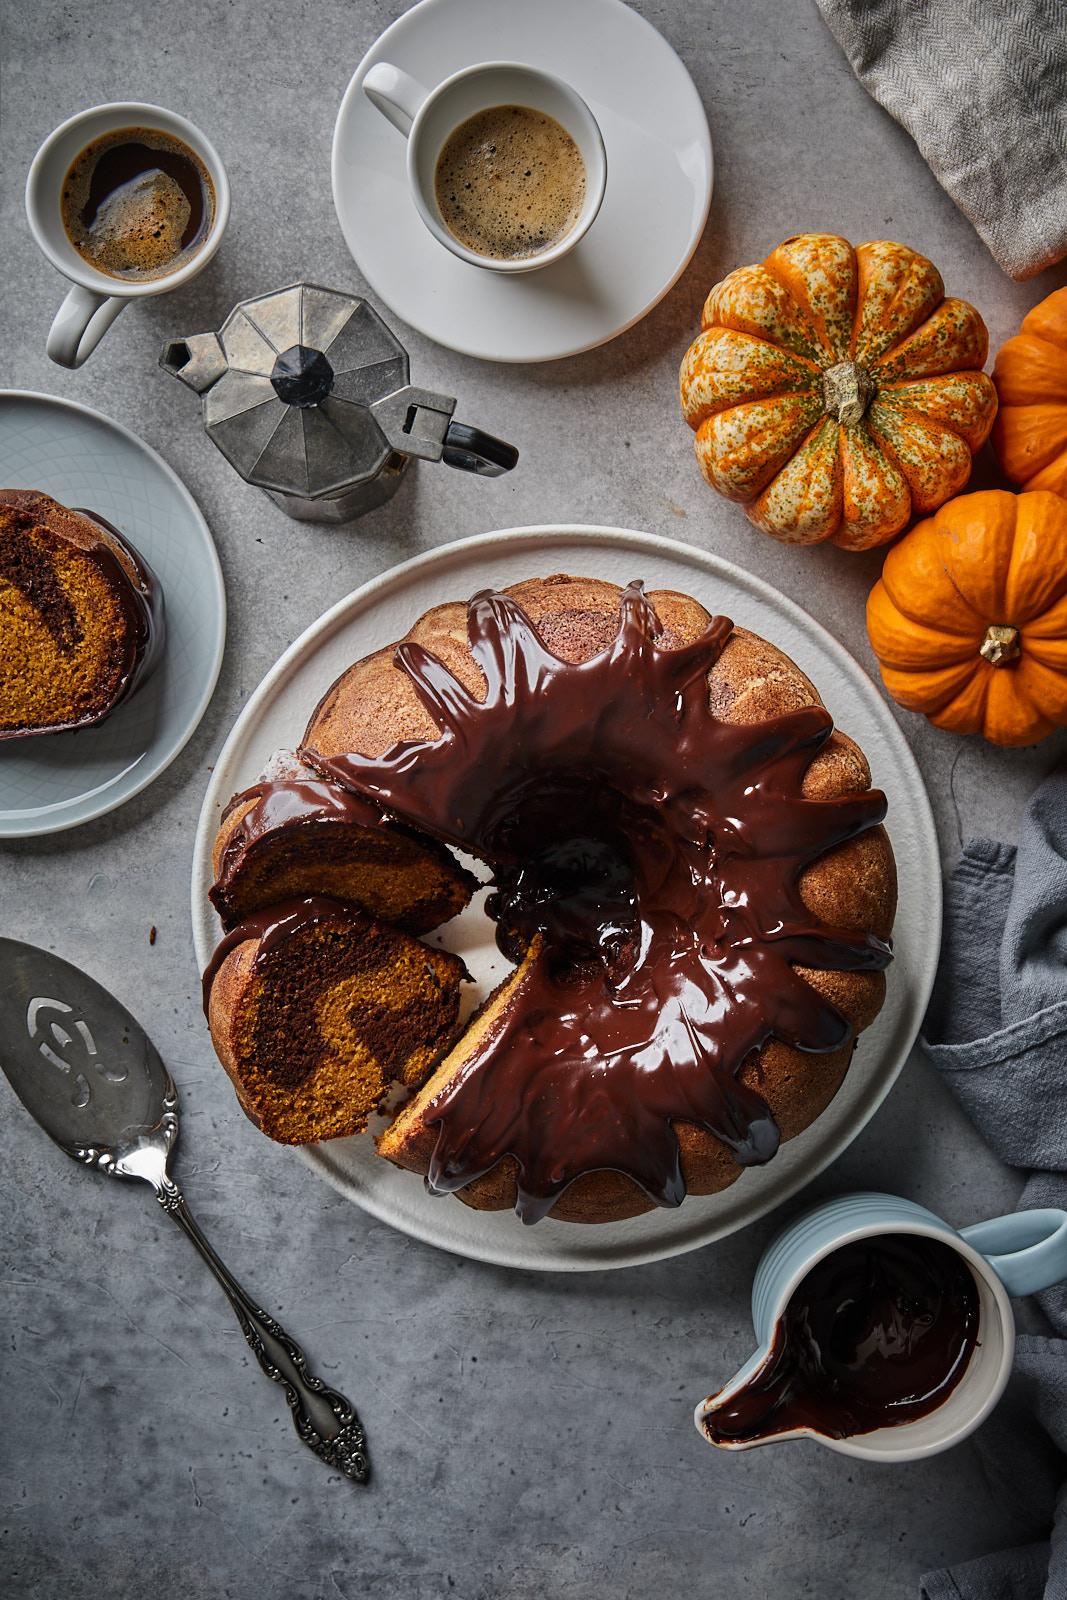 Pumpkin Espresso Bundt Cake With A Chocolate Espresso Rum Glaze